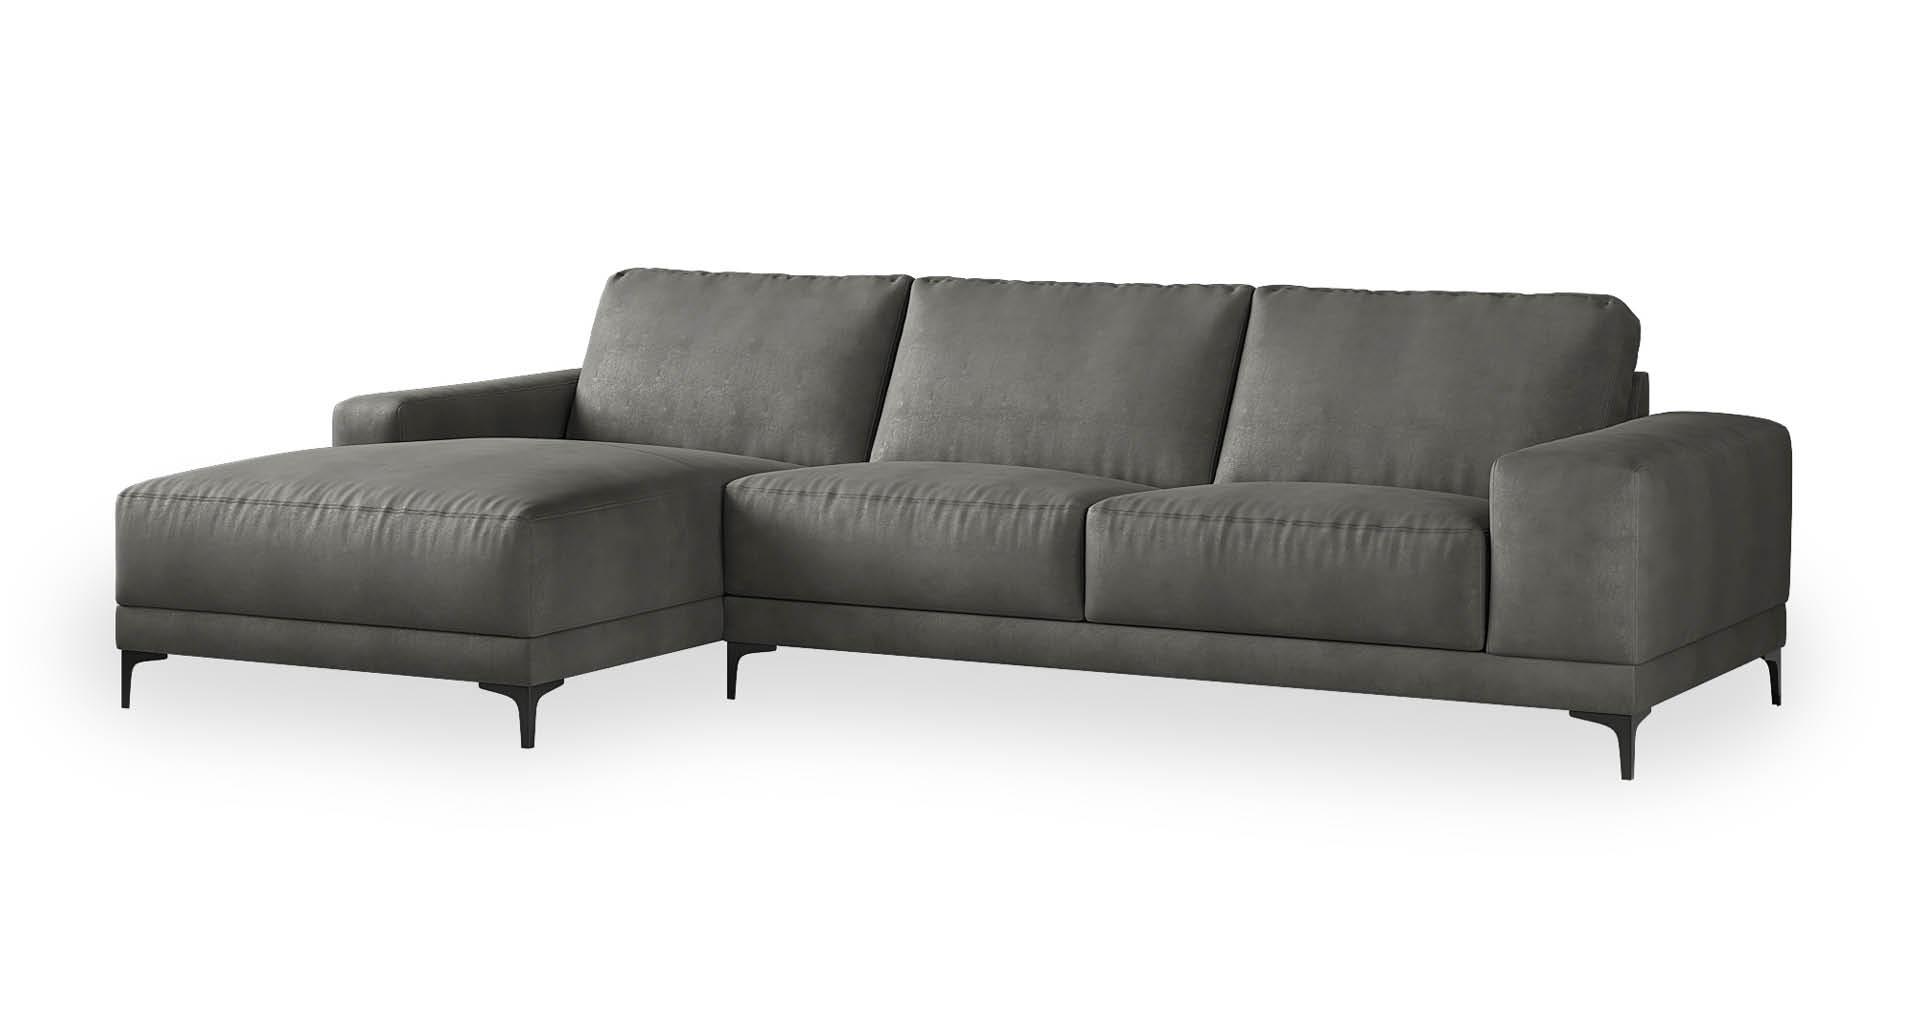 """ספה פינתית ואלרי צד שמאל 310 ס""""מ בגוון אפור קונקריט"""